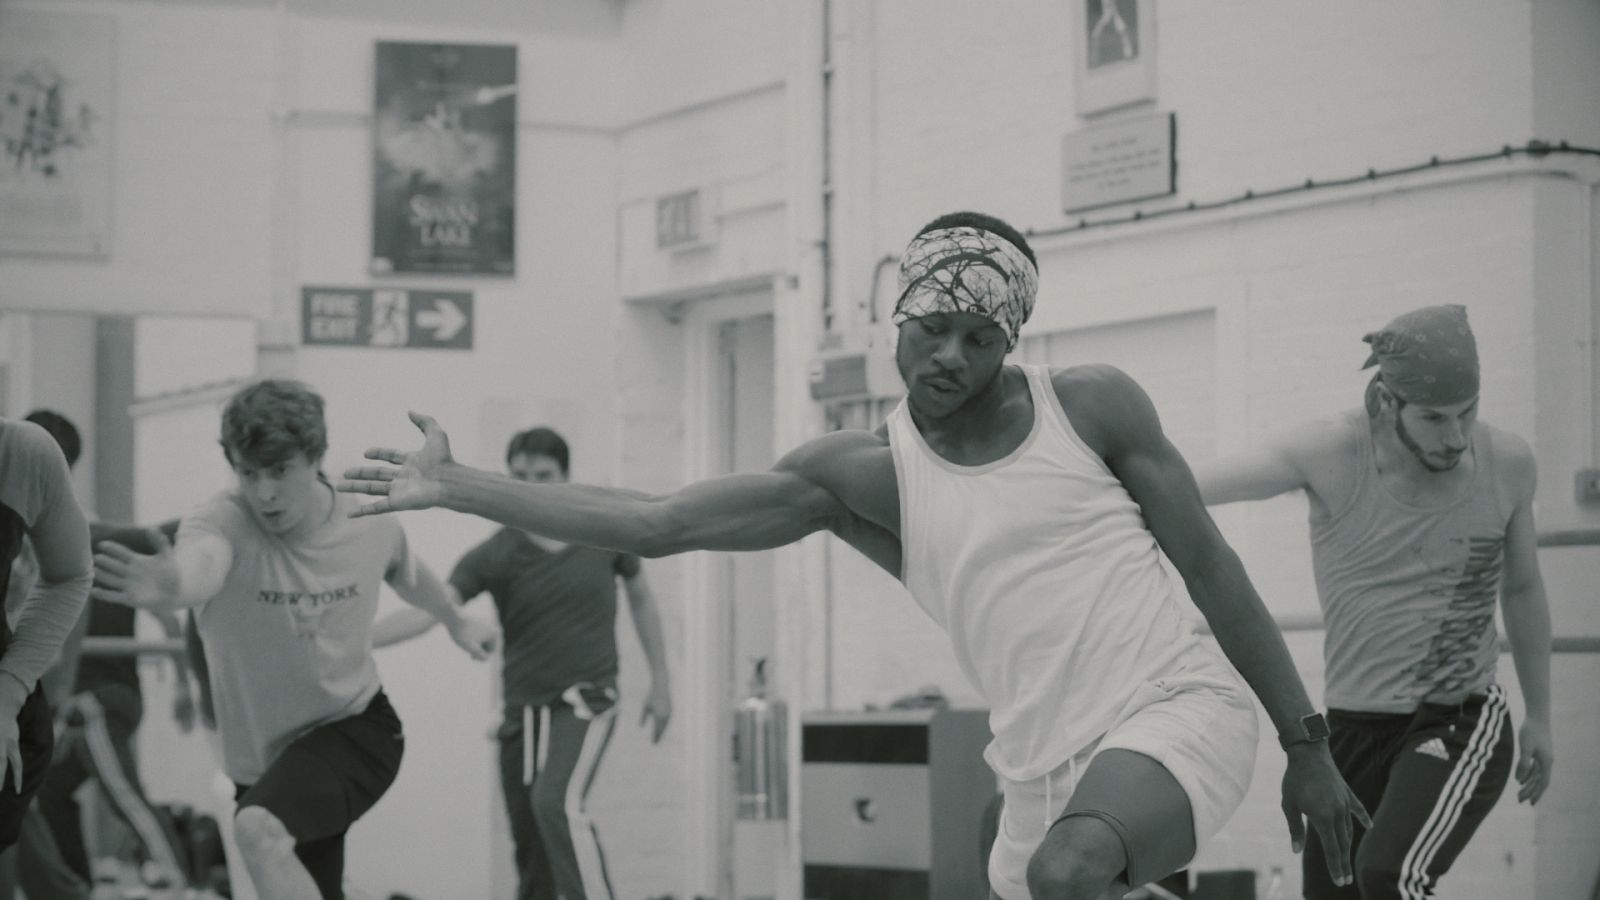 Οι χορευτές: Pedro Lapetra, Shevelle Dynott και Joshua McSherry-Gray (από τα δεξιά στα αριστερά), © Maxime Dos